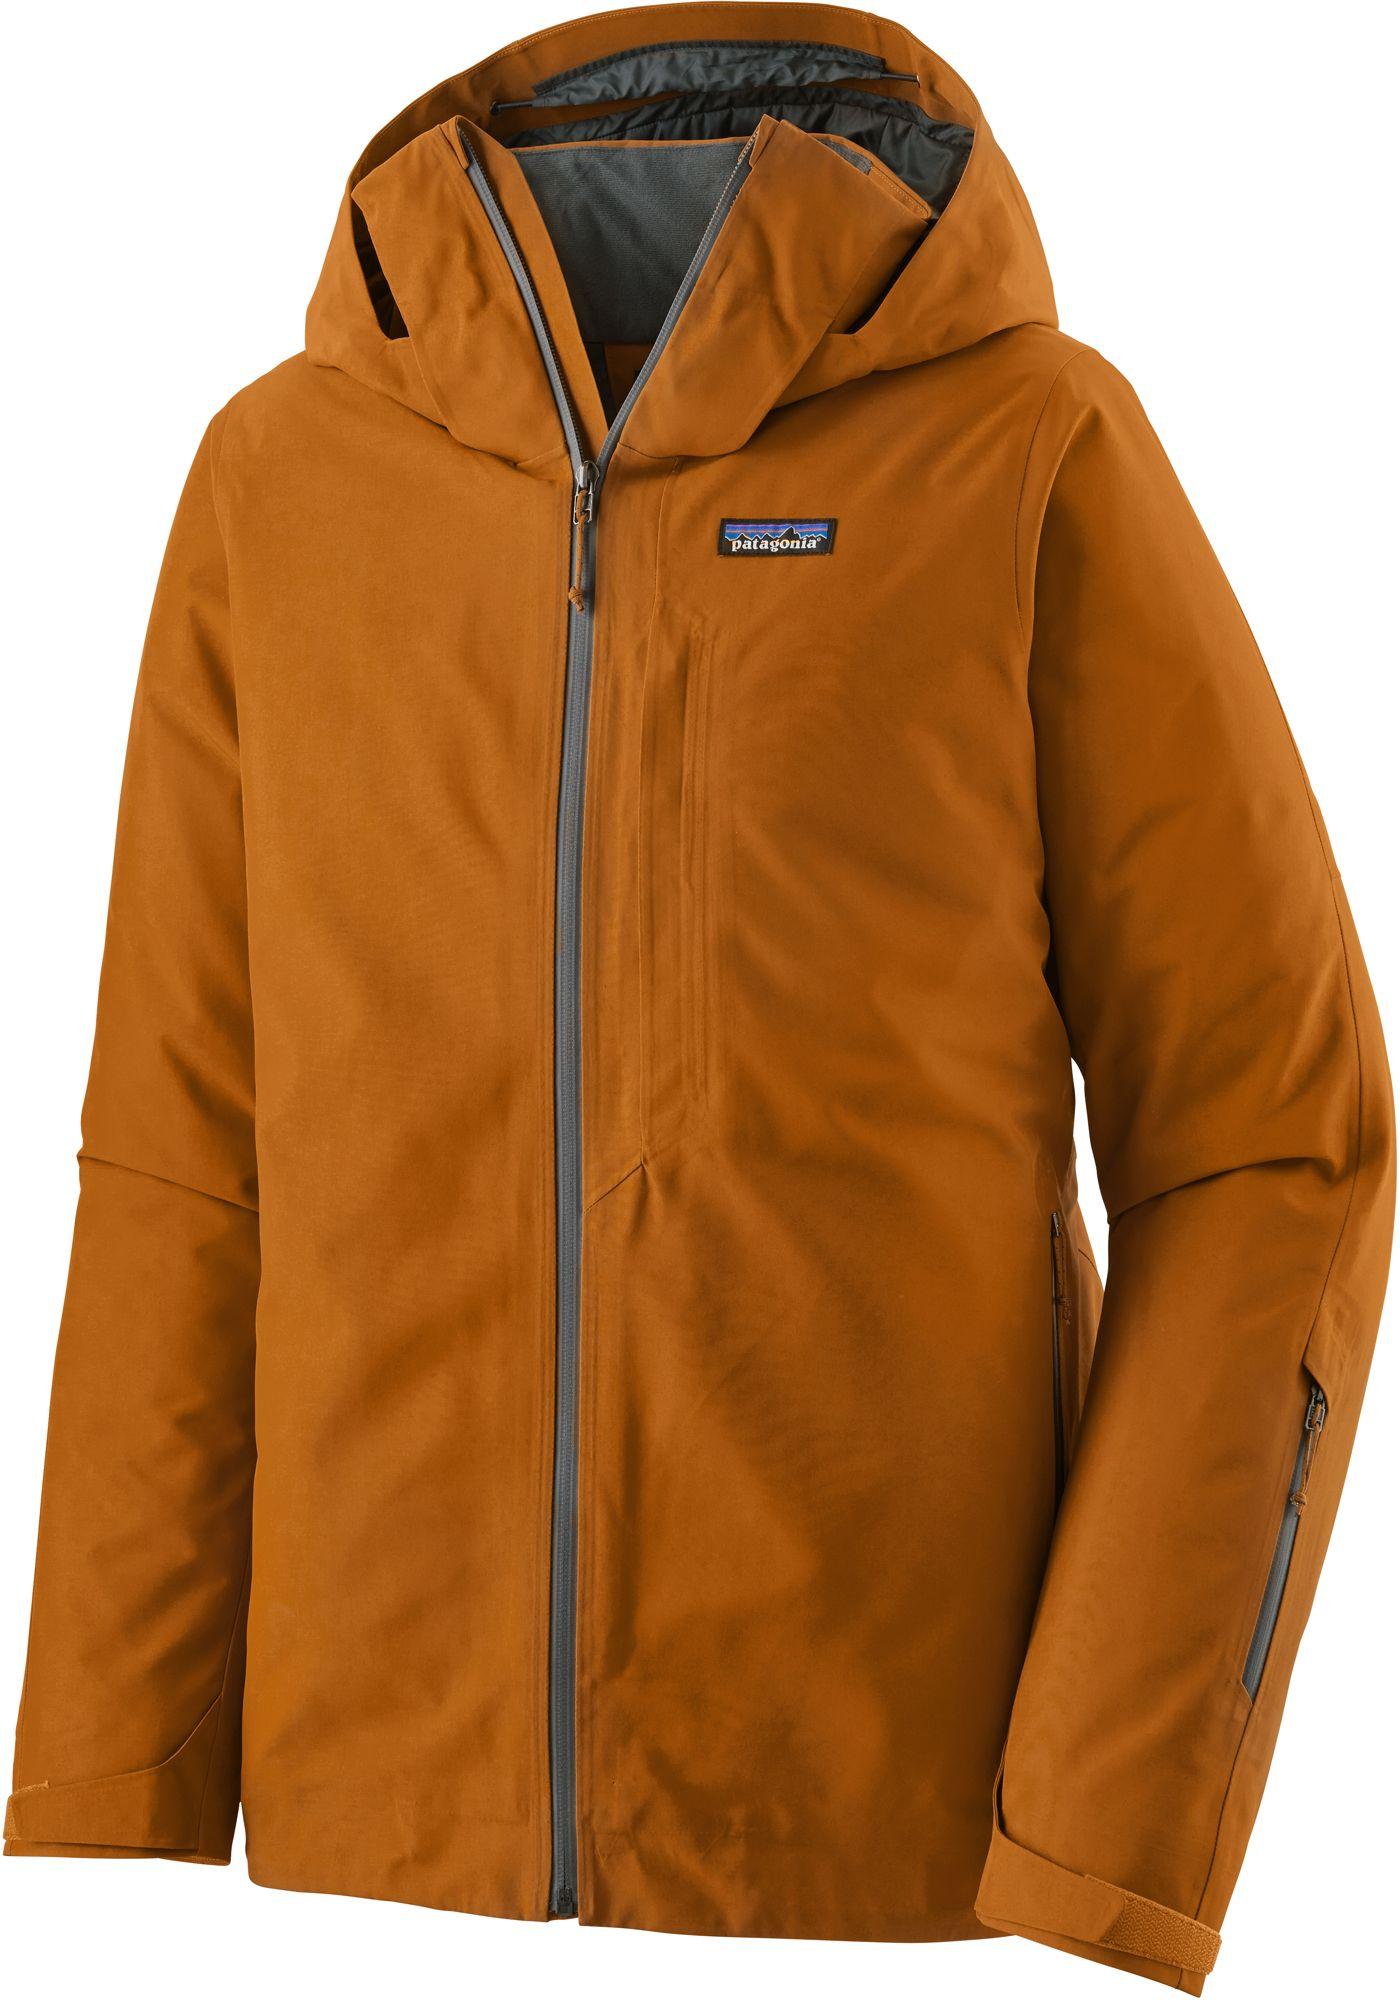 Patagonia Men's Powder Bowl Insulated Jacket